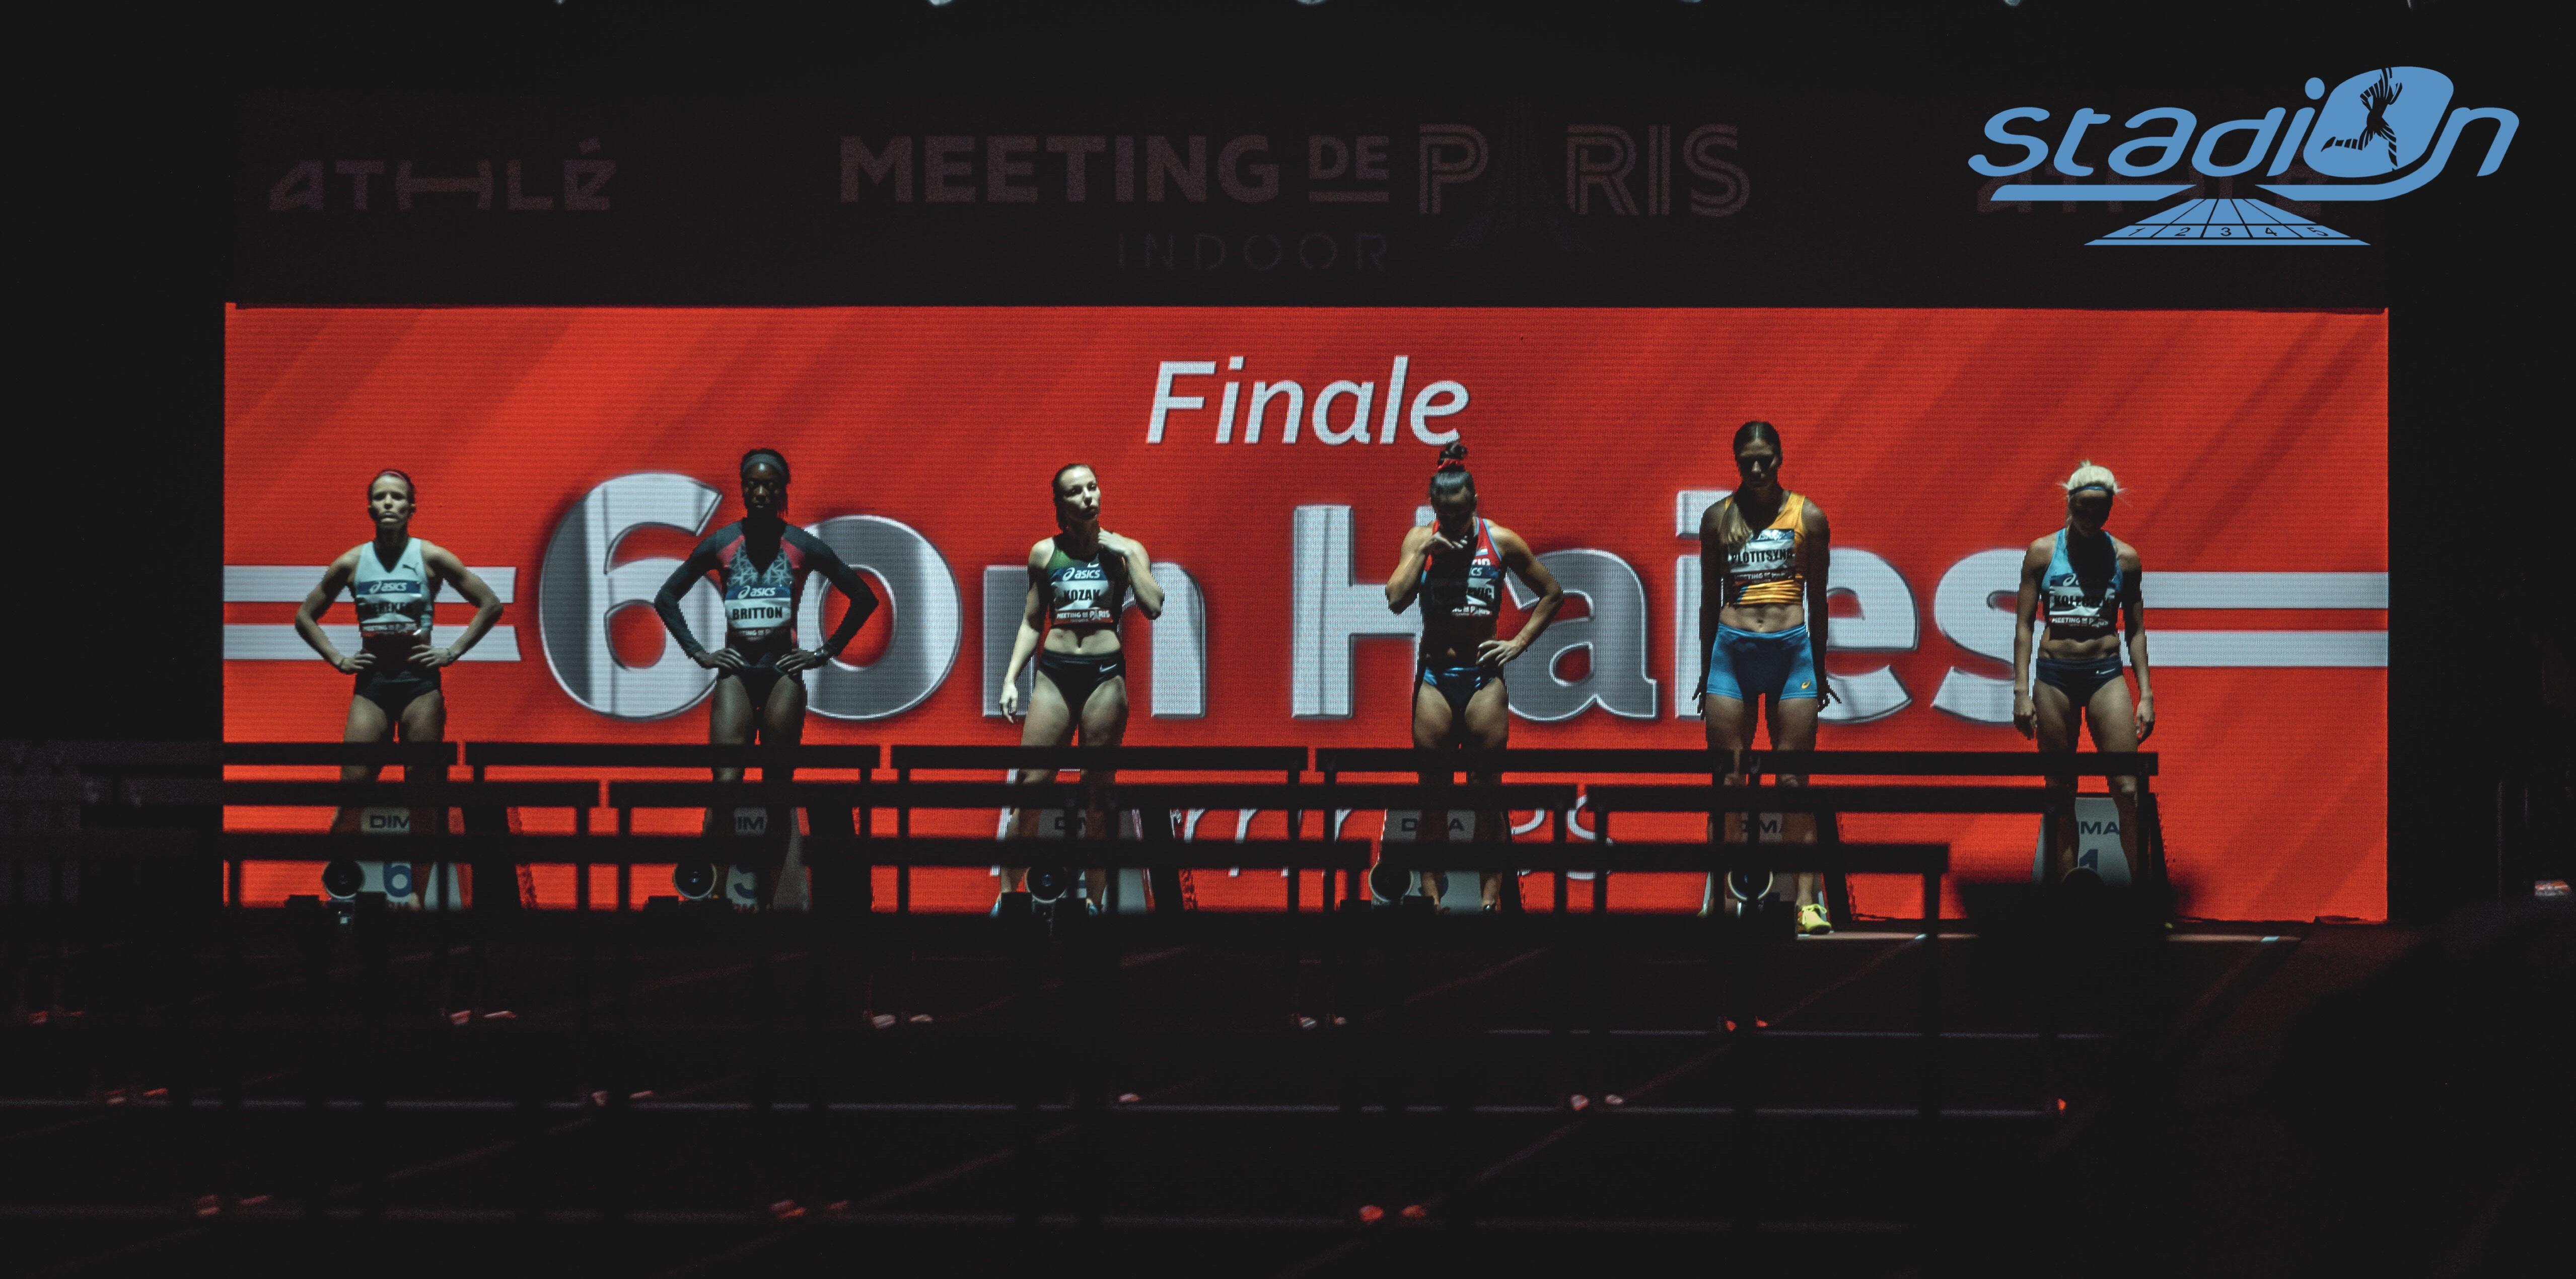 Stadion vous offre vos places pour le Meeting de Paris Indoor